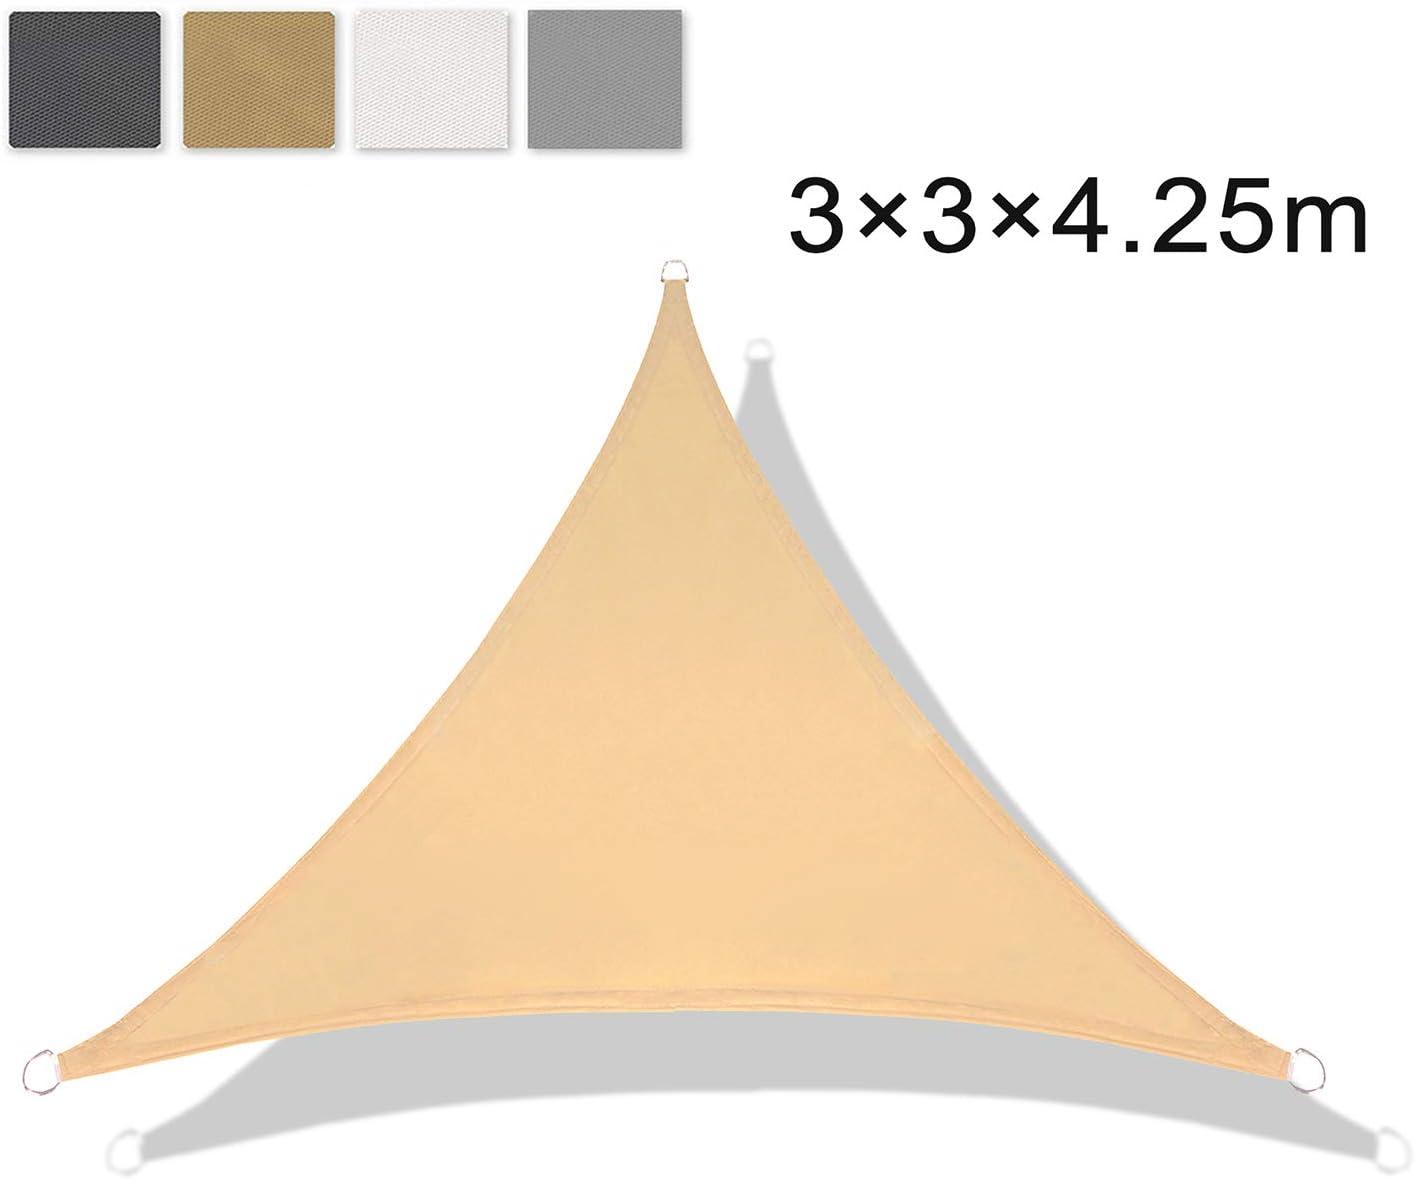 PES Rettangolare 2/×3m Beige Protezione UV per Terrazza Campeggio Giardino Esterno LOVE STORY Tenda da Vela Parasole Impermeabile